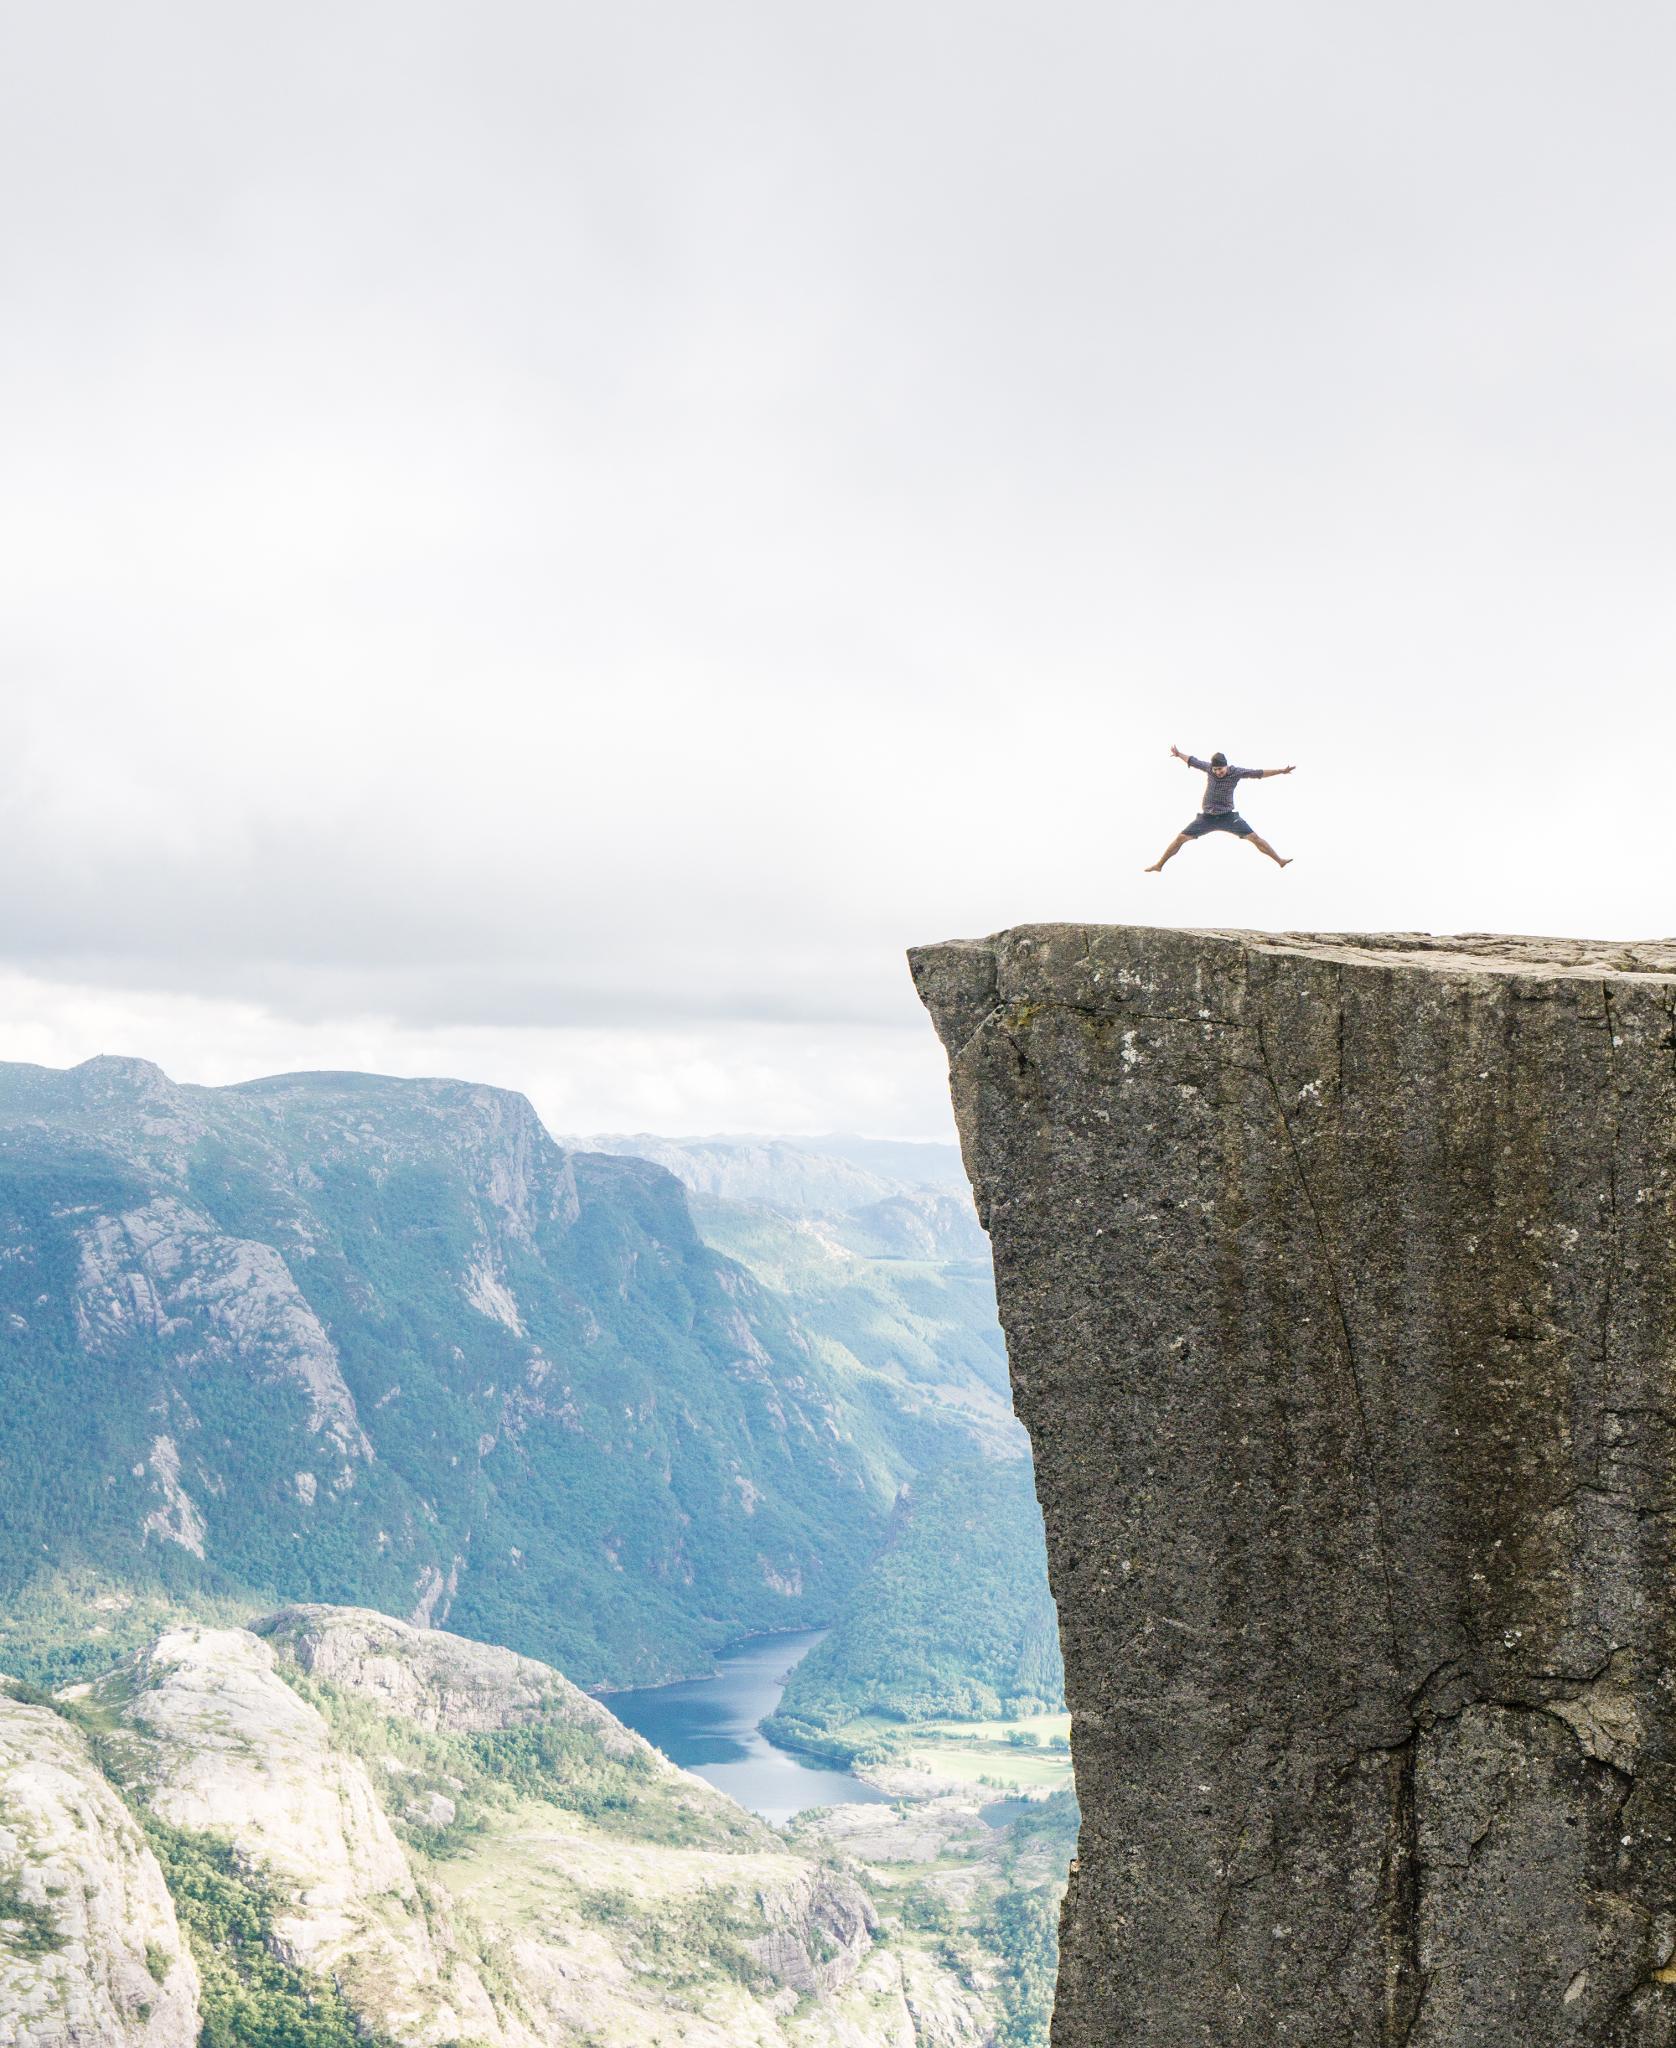 【北歐景點】朝聖挪威三大奇岩:聖壇岩Preikestolen健行紀錄 40